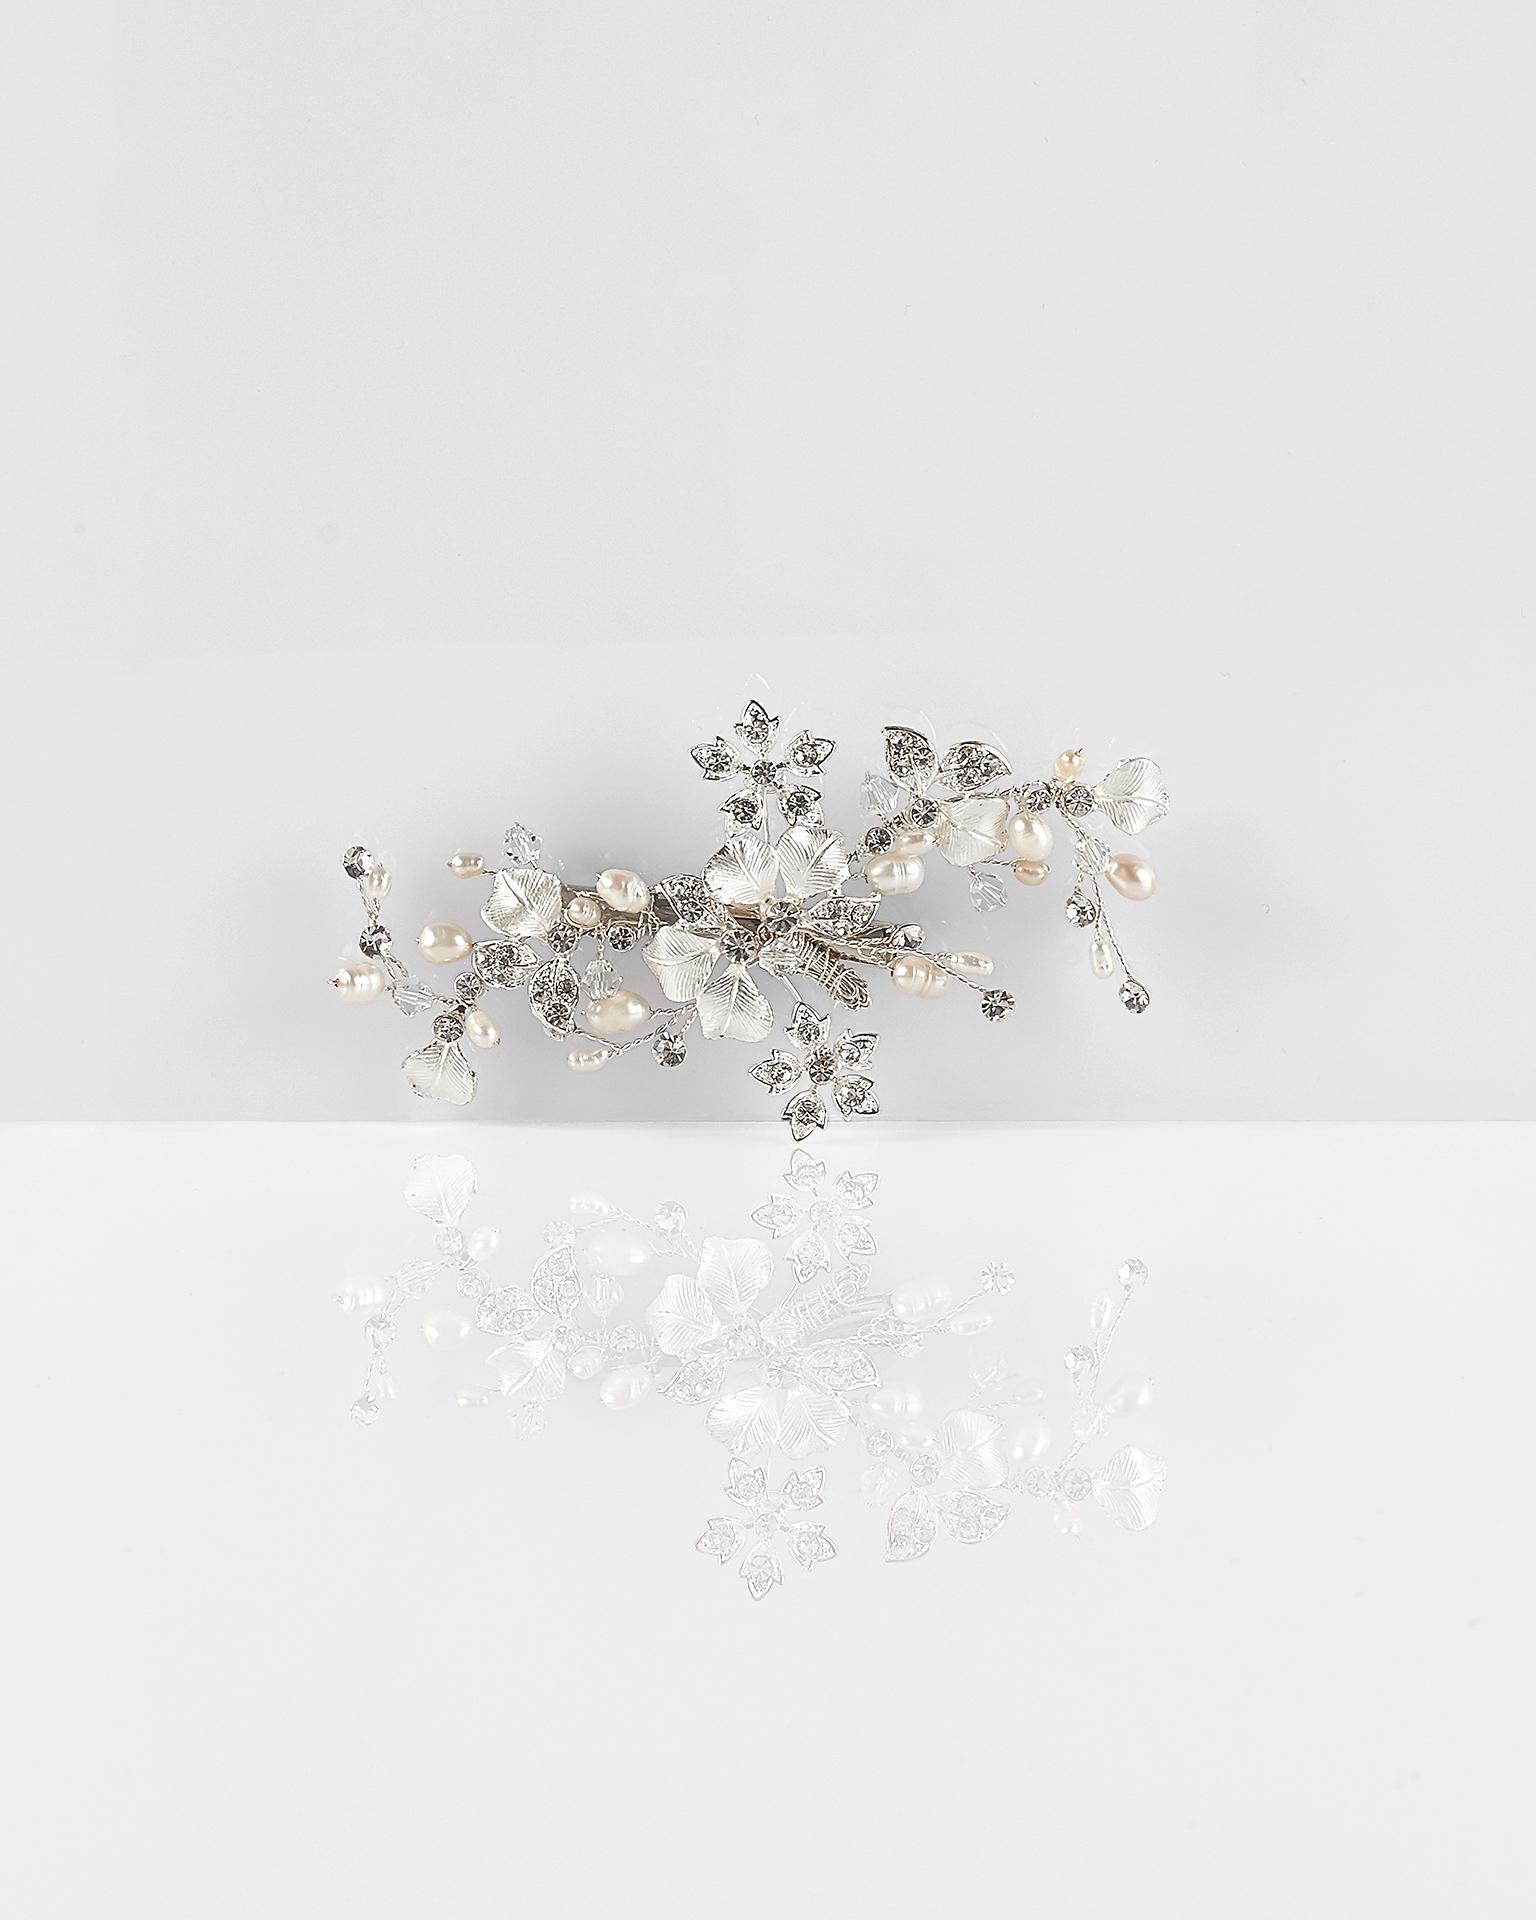 Pieptăn pentru voal tip mantilla din flori, cristale și perle, de culoare argintie. Colecția  2018.